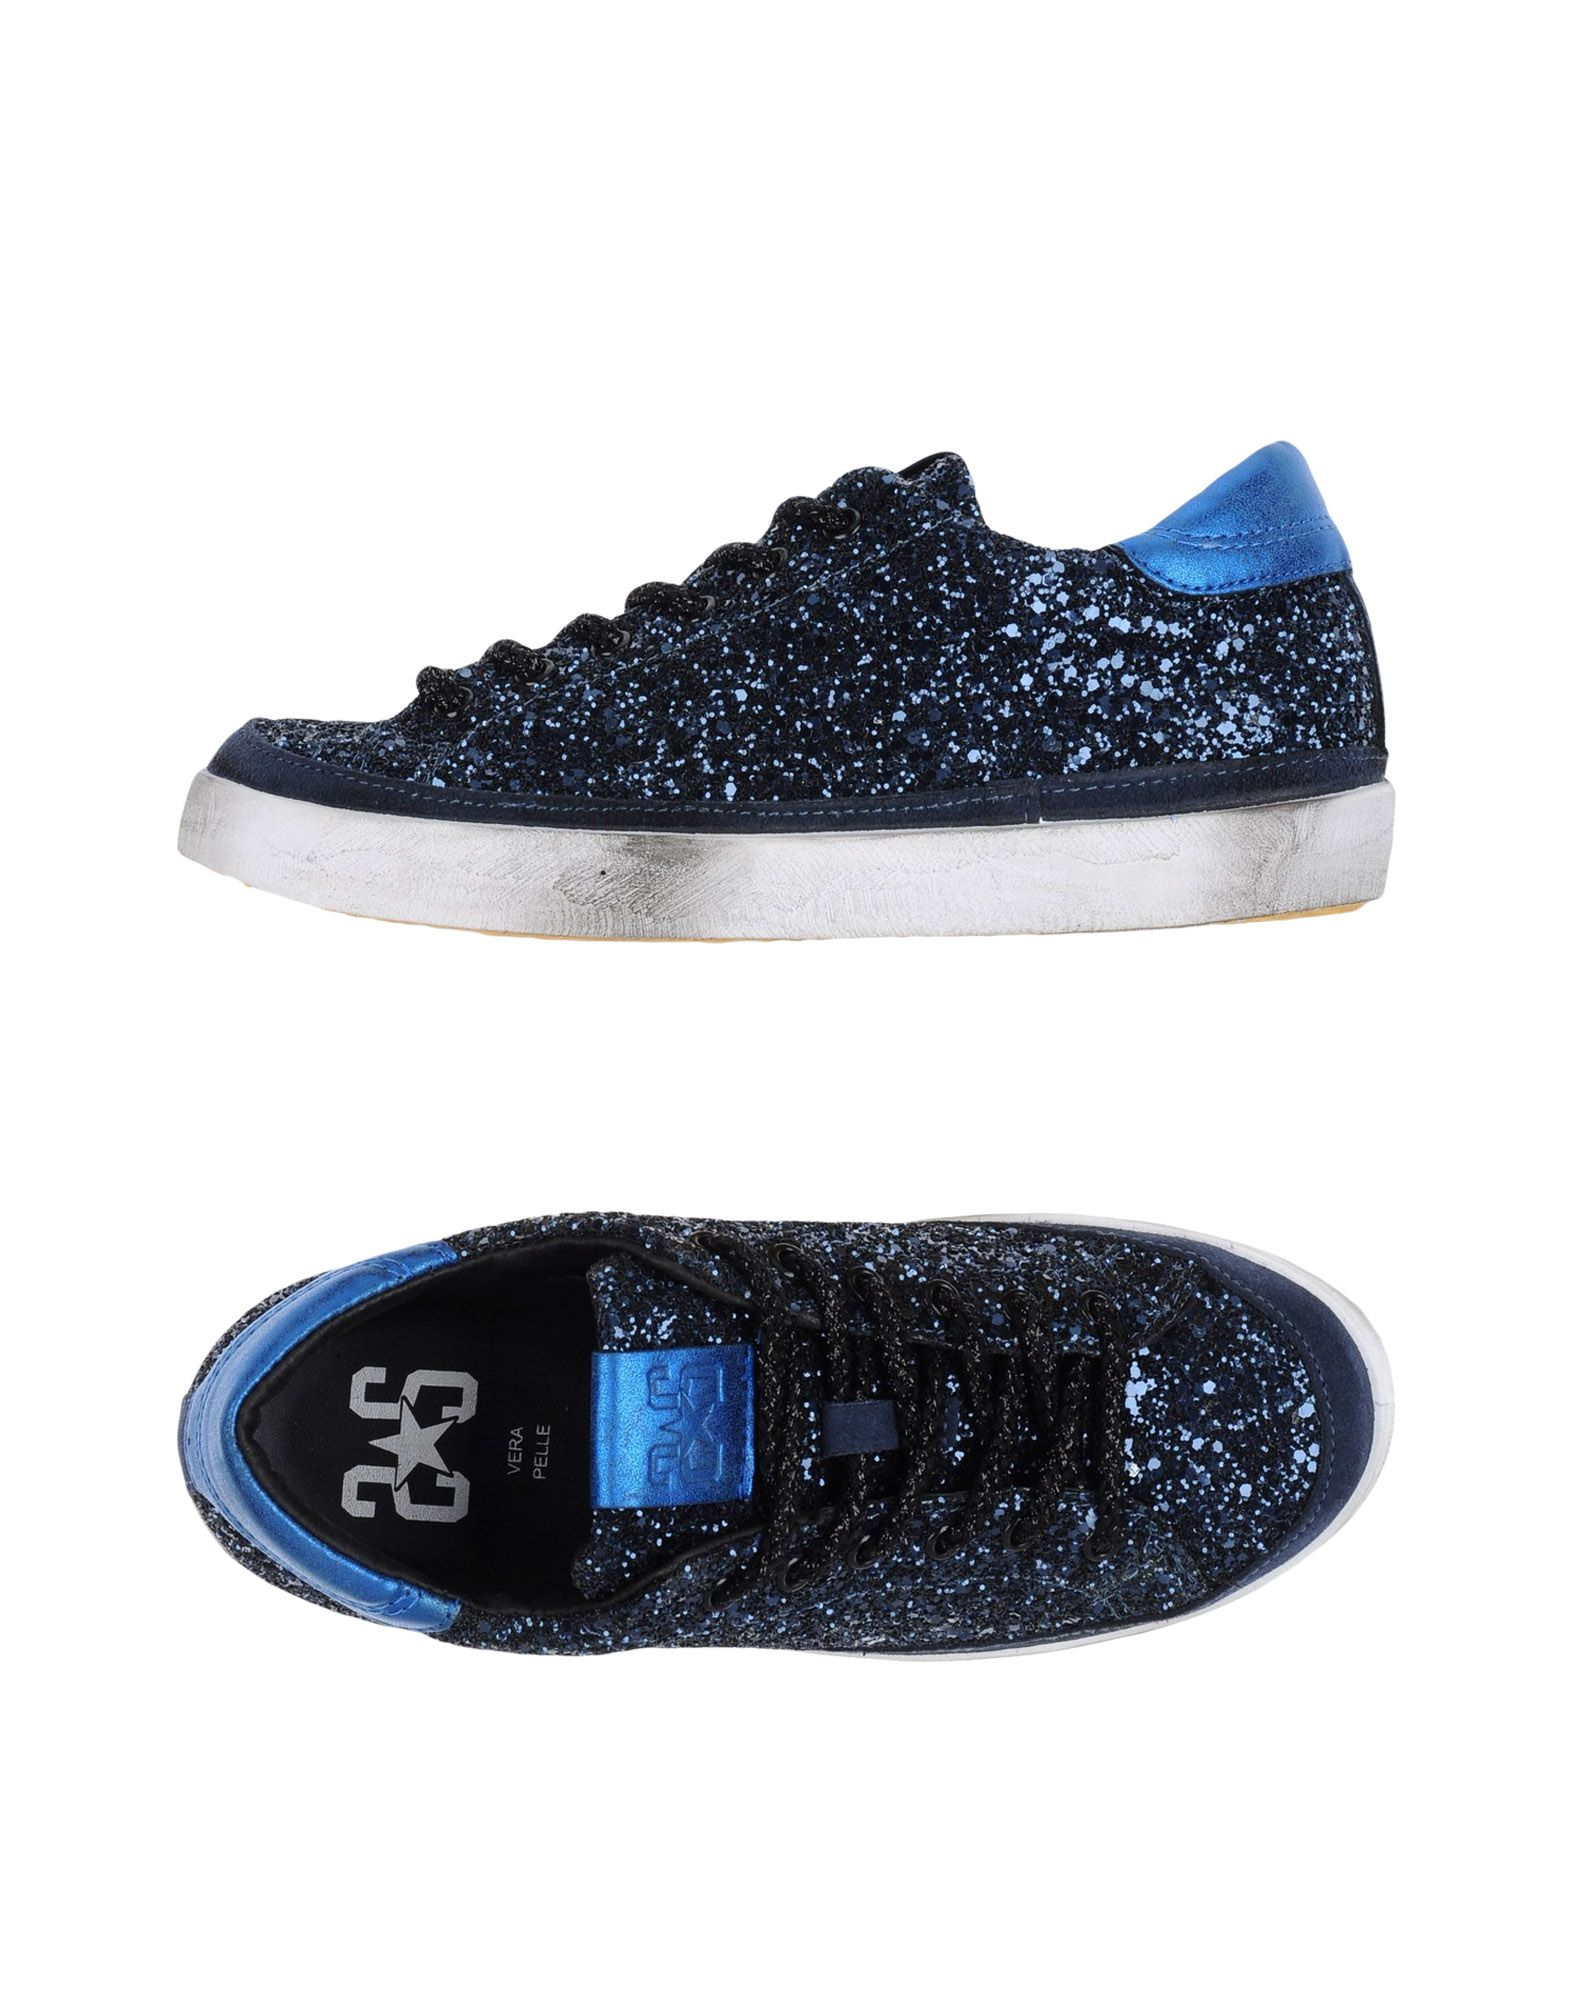 2Star Sneakers Damen  11250417BJ Gute Qualität beliebte Schuhe Schuhe beliebte dadb70